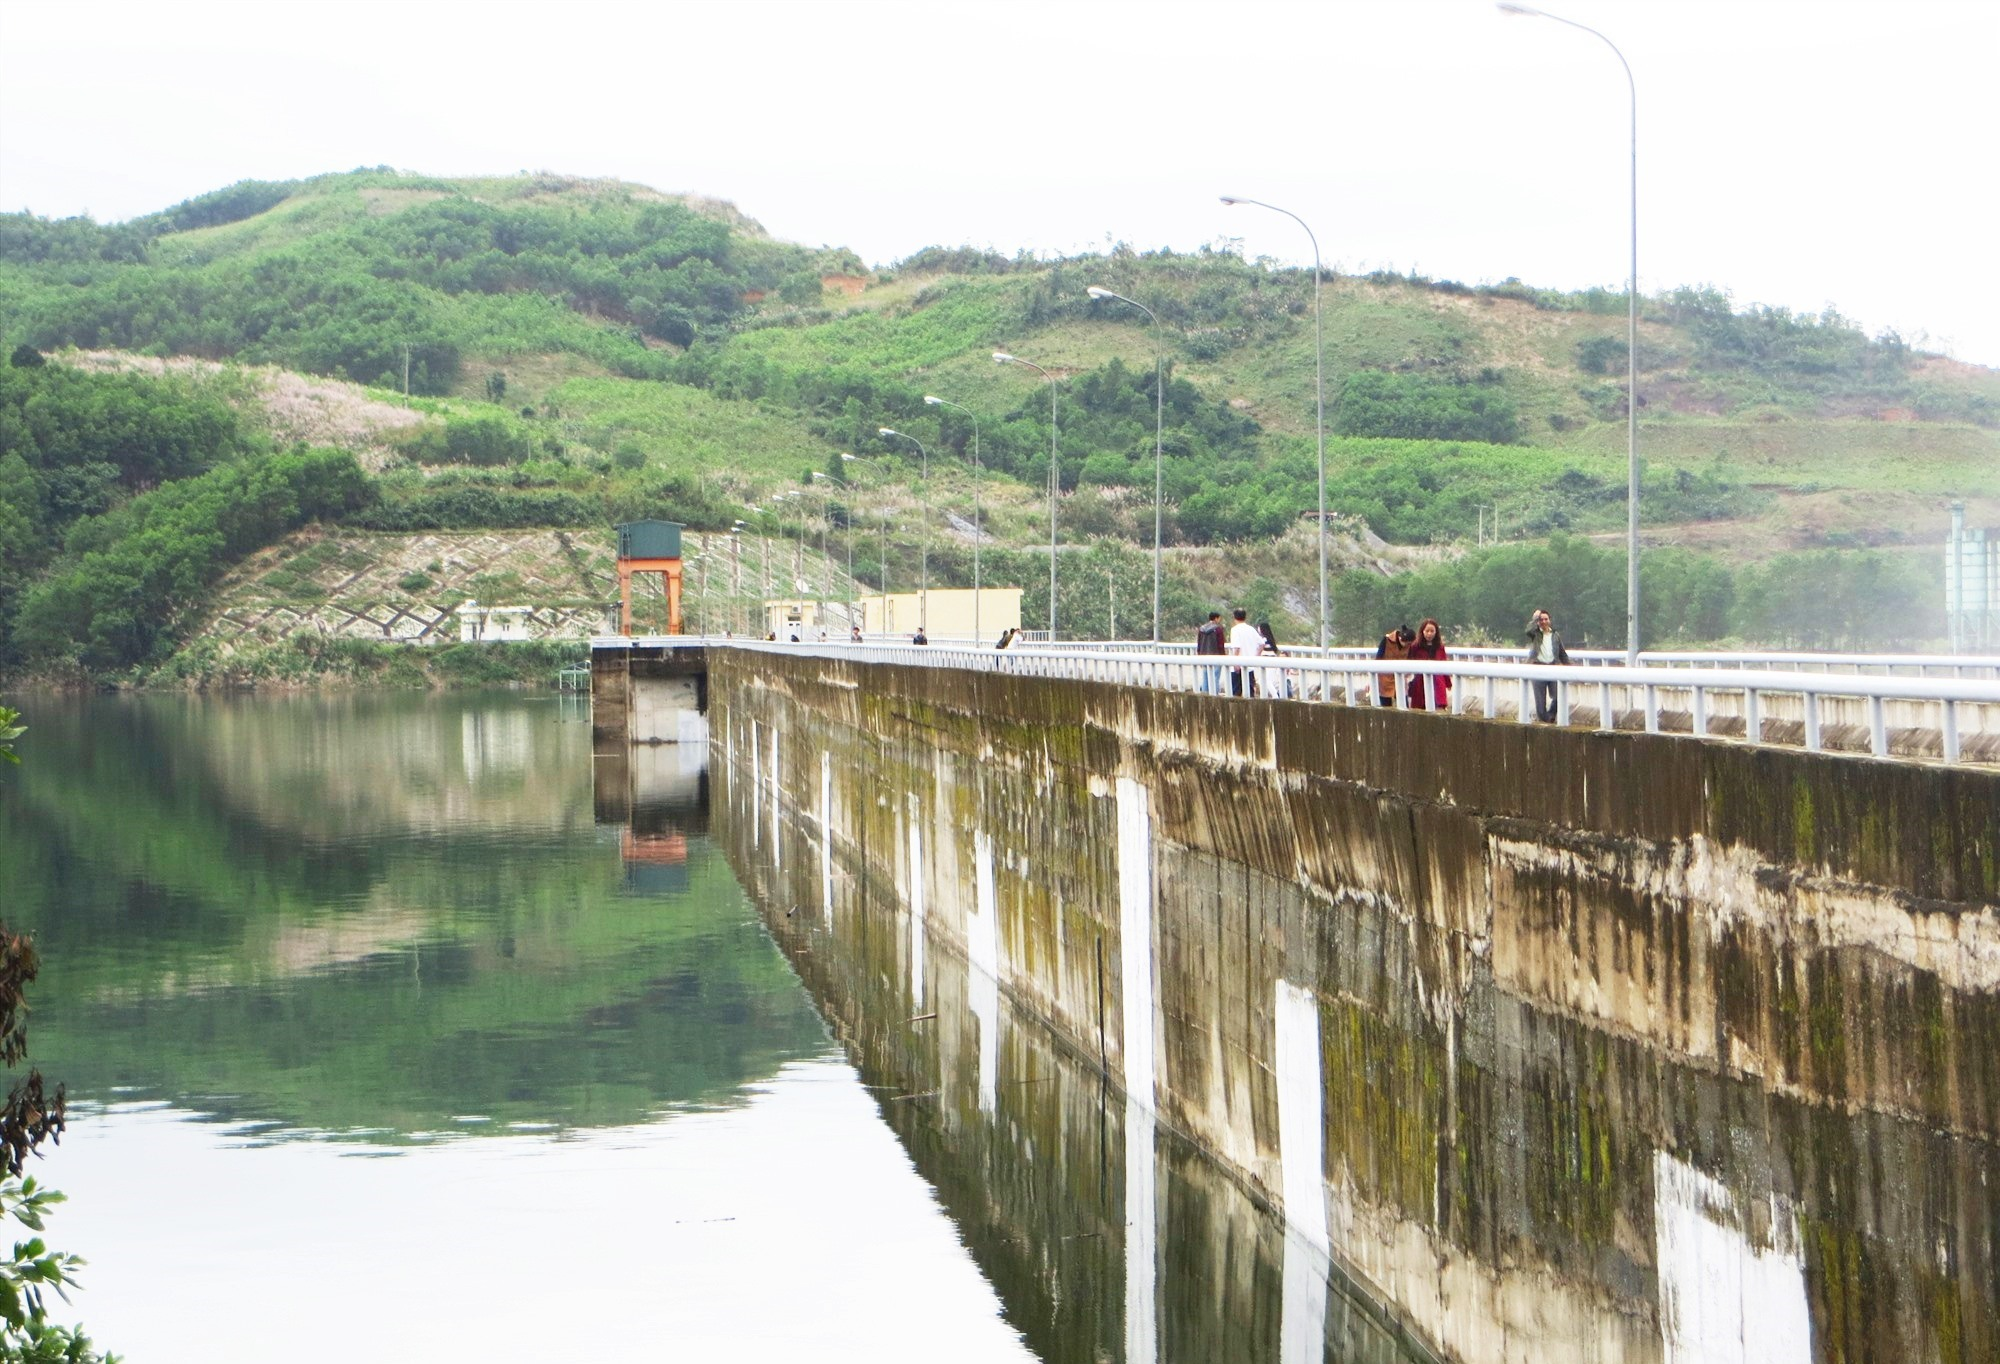 Khu vực thủy điện Sông Tranh 2 xảy ra động đất mạnh 2.8 độ richter vào sáng ngày 17.2.